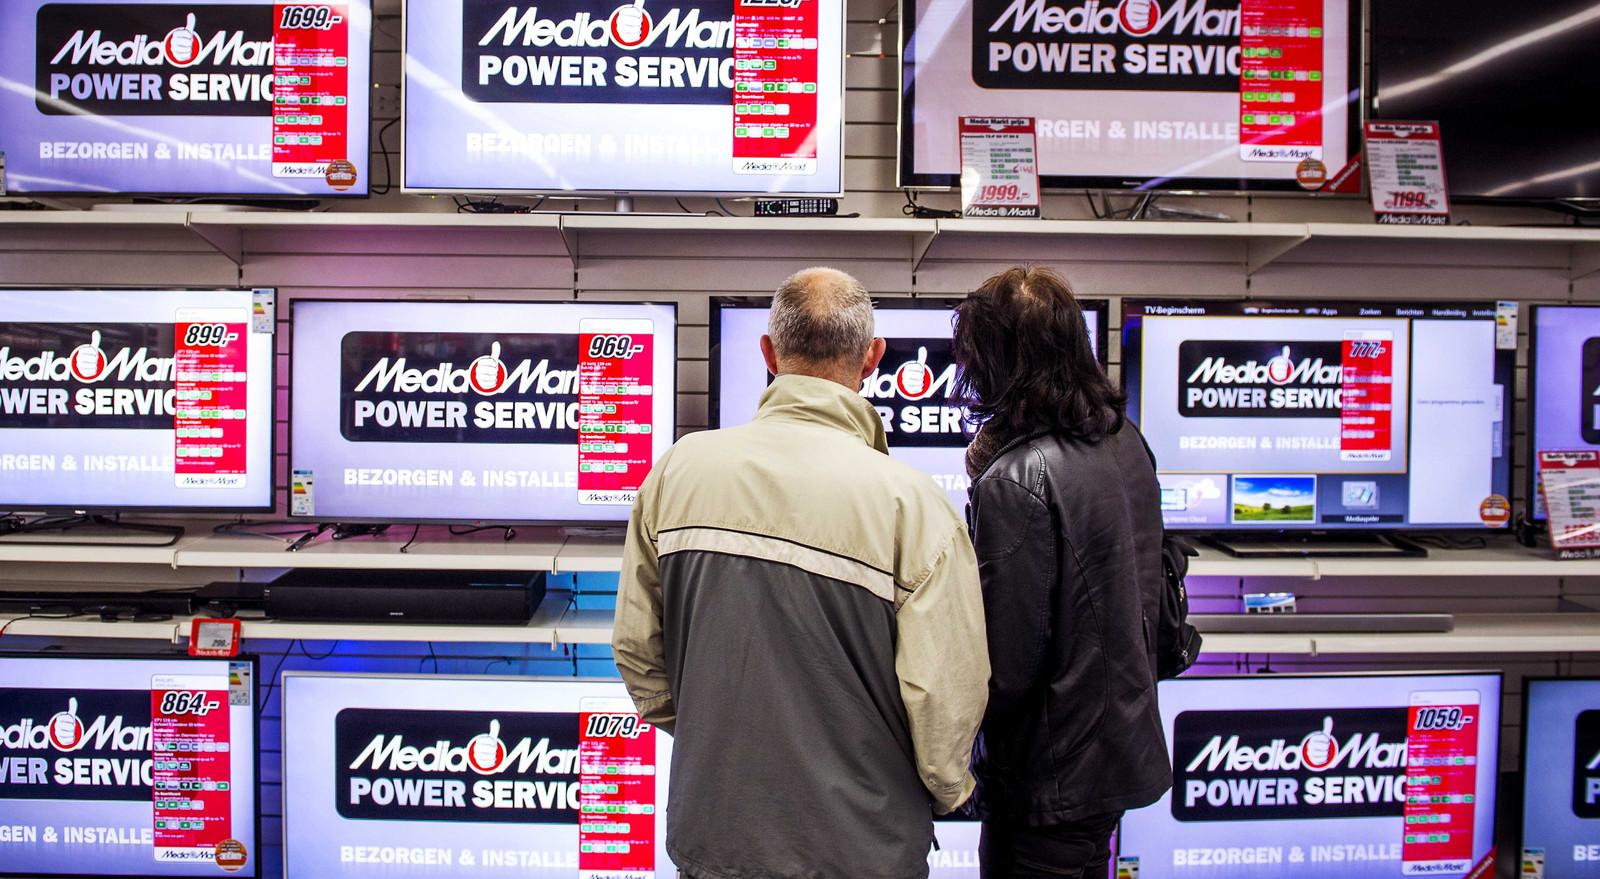 De televisieafdeling van een vestiging van Mediamarkt.